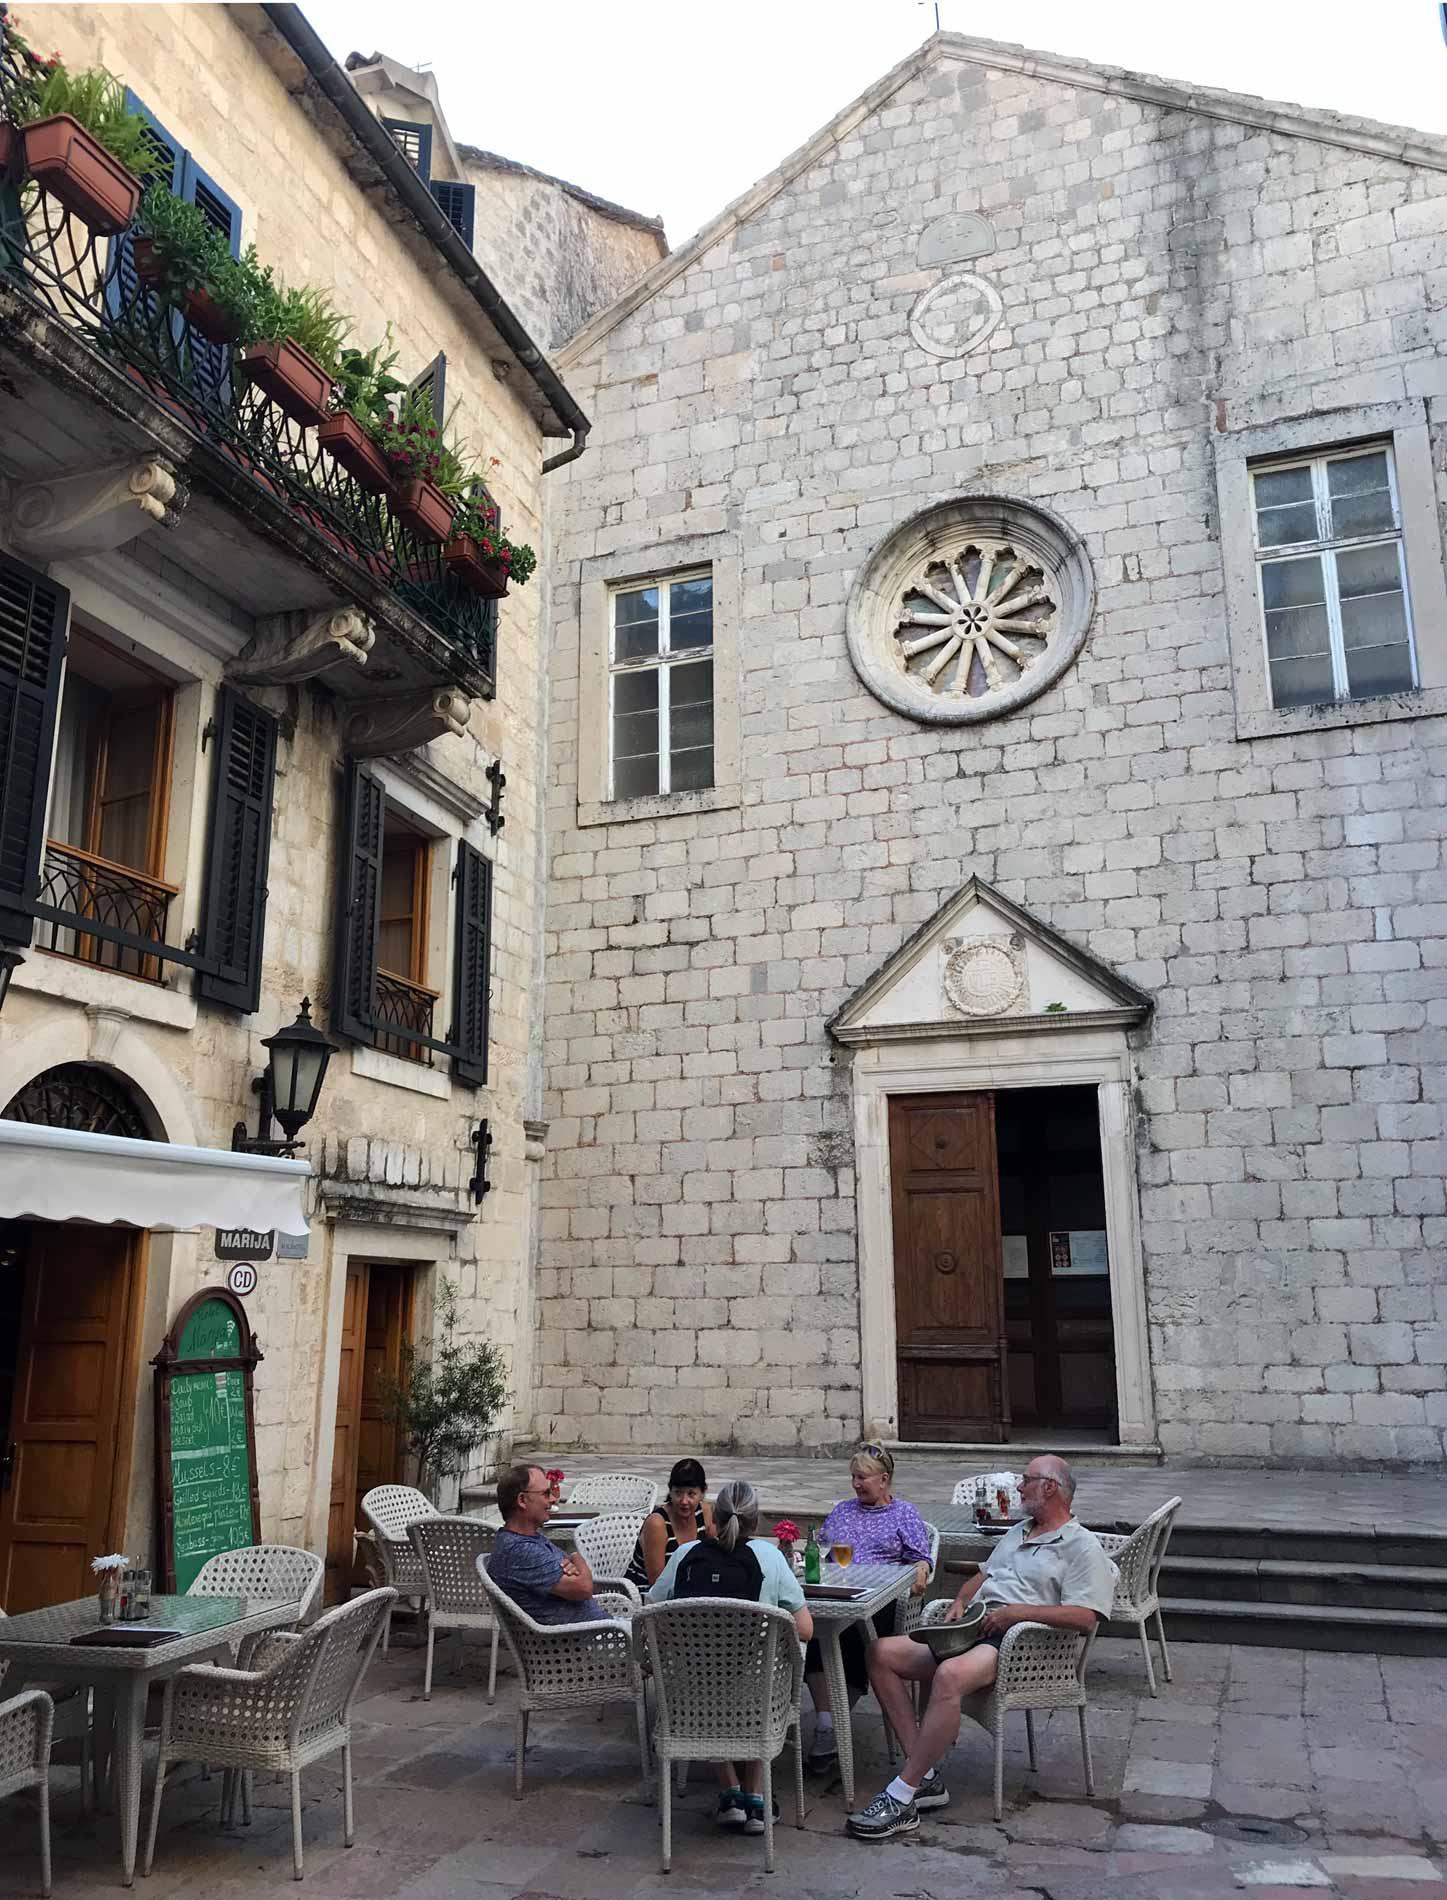 Cattaro-Montenegro-Ulica1-chiesa-francescana-di-Santa-Chiara-facciata-rosone-finestre-pietra